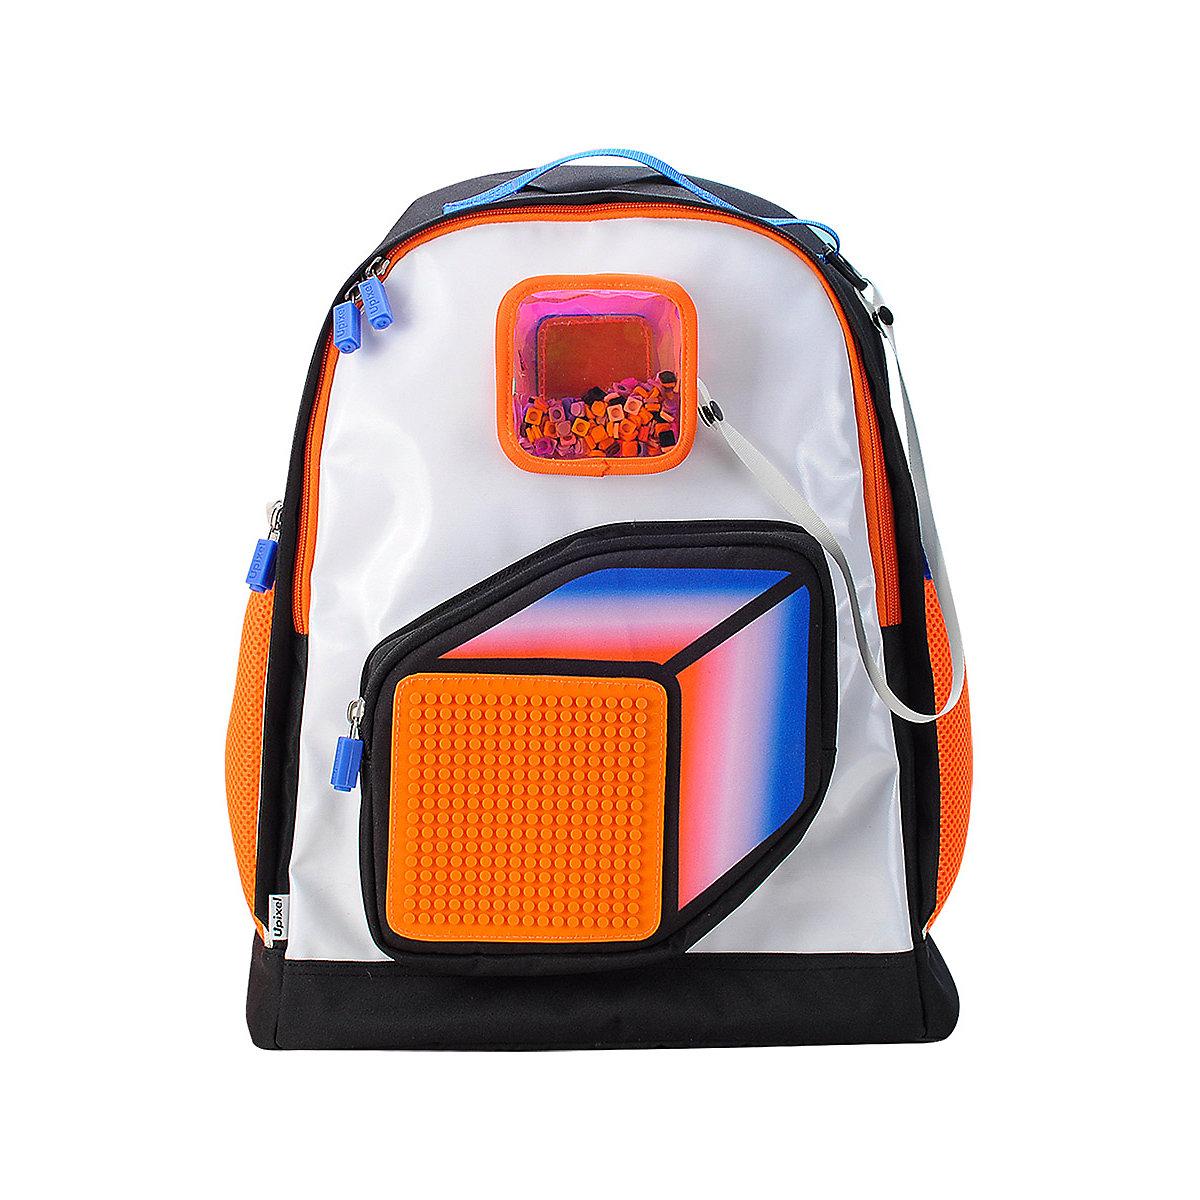 Ранец школьный Upixel Model Answer Оранжевый школьные рюкзаки upixel школьный ранец u18 13 с принтом